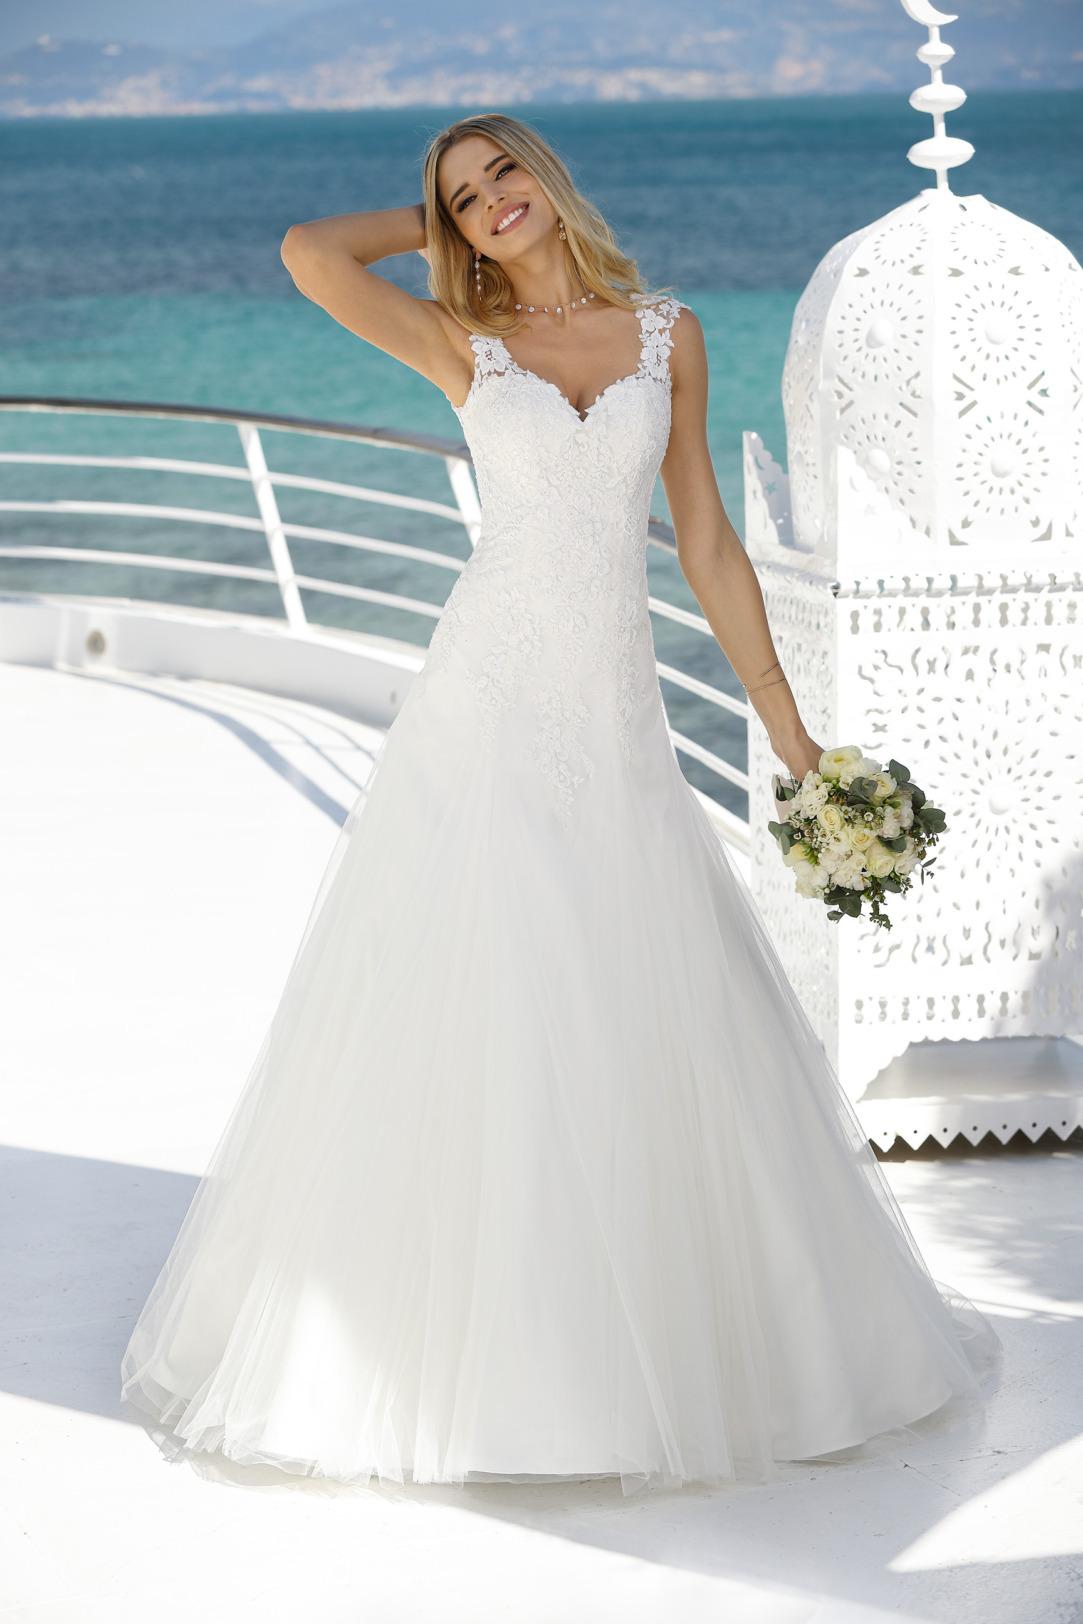 Brautkleid in A-Linie mit tiefem V-Ausschnitt und breiten Trägern. Hochzeitskleid mit feiner Spitze am Oberteil und einem leichten Softtüll Rock. Hochzeitskleid in klassischer A Linie von Ladybird Modell 421045.